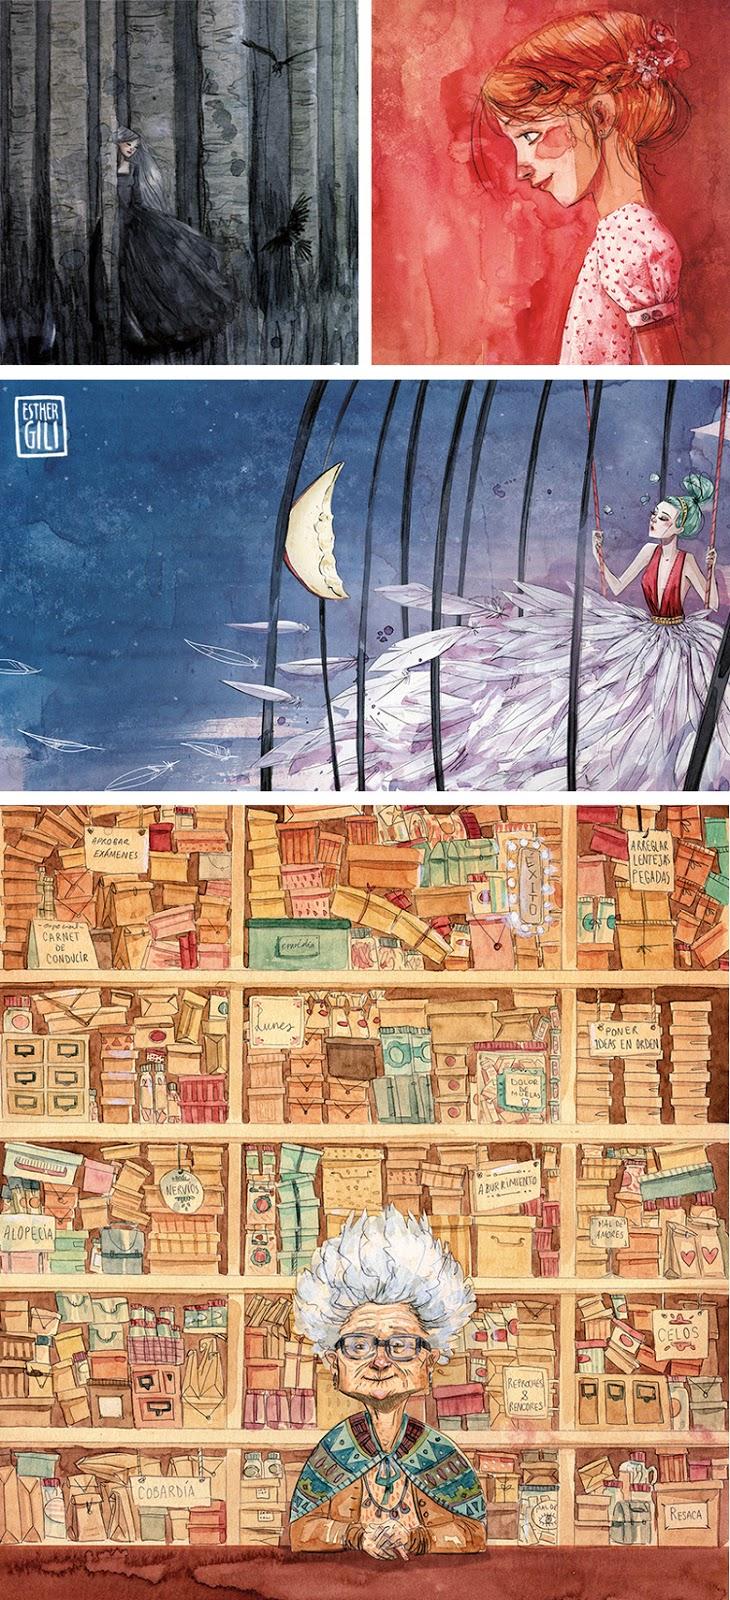 30 cosas sobre la ilustradora Estehr Gili, conoceremos a la persona y su universo